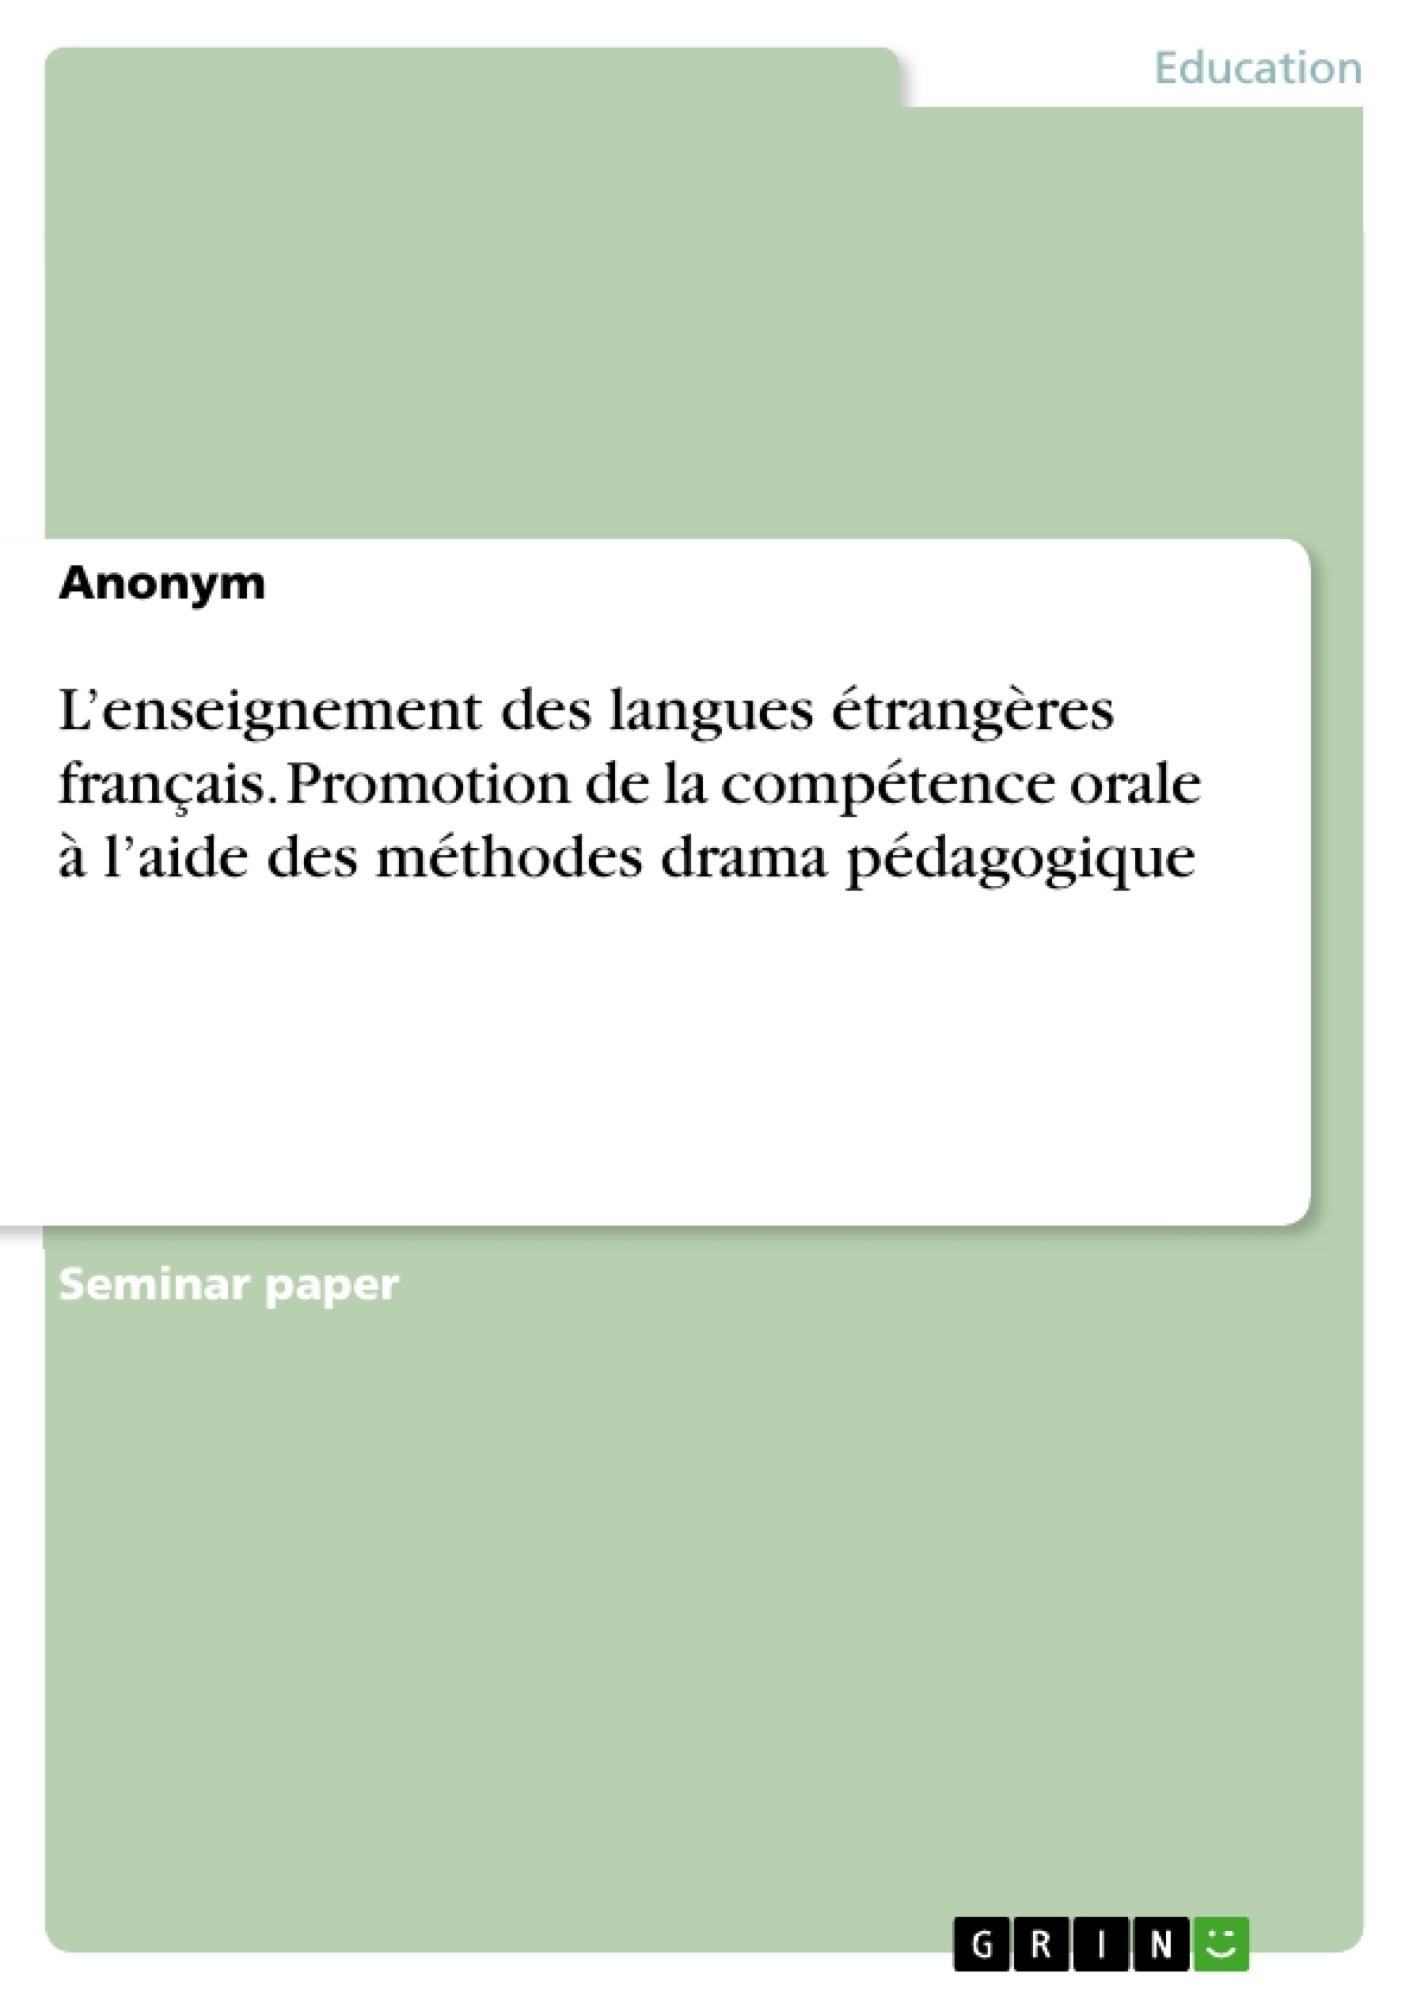 Titre: L'enseignement des langues étrangères français. Promotion de la compétence orale à l'aide des méthodes drama pédagogique